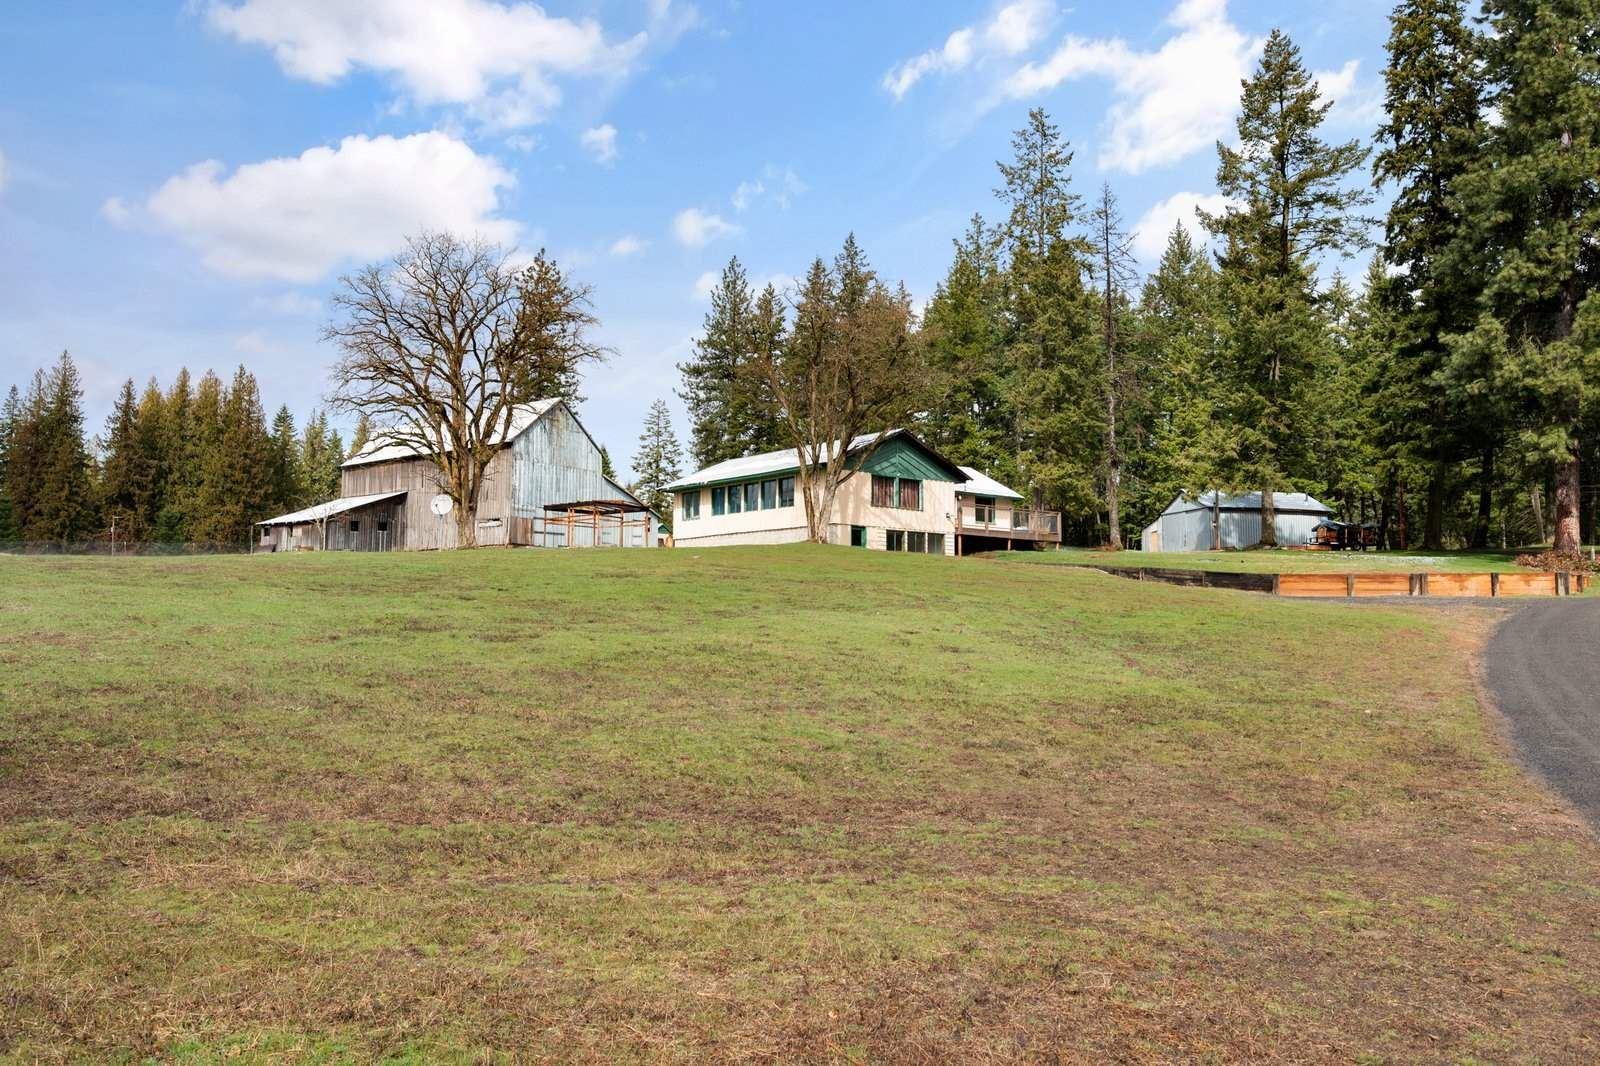 1083 Willms Rd, Elk, WA 99009 - #: 202113230